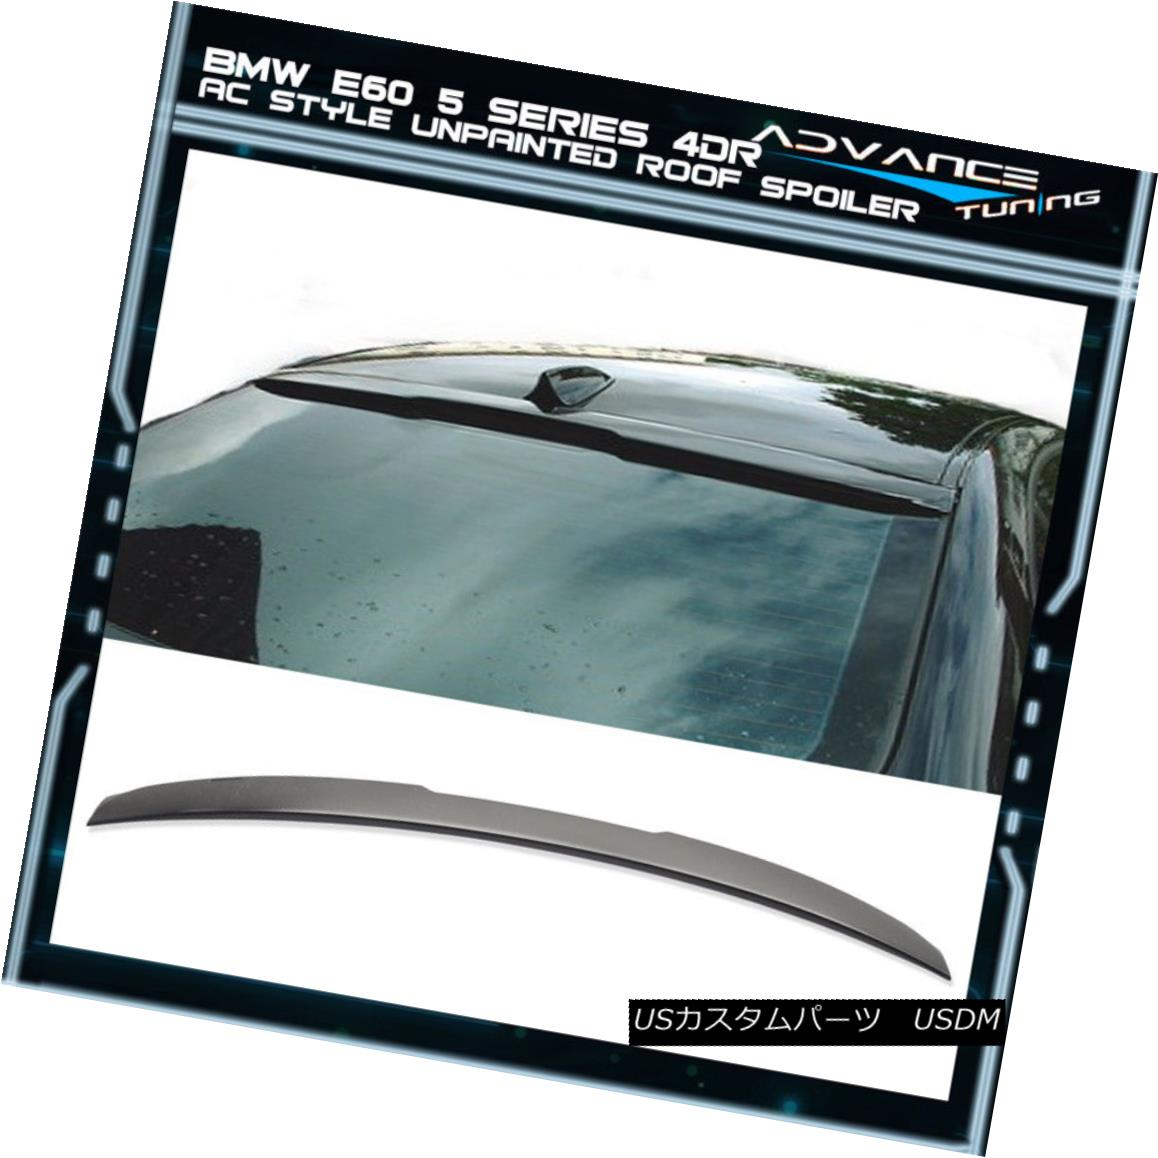 エアロパーツ 04-10 BMW E60 5-Series Sedan 4Dr 4Door Unpainted ABS Rear AC Style Roof Spoiler 04-10 BMW E60 5シリーズセダン4Dr 4ドア無塗装ABSリアACスタイルルーフスポイラー